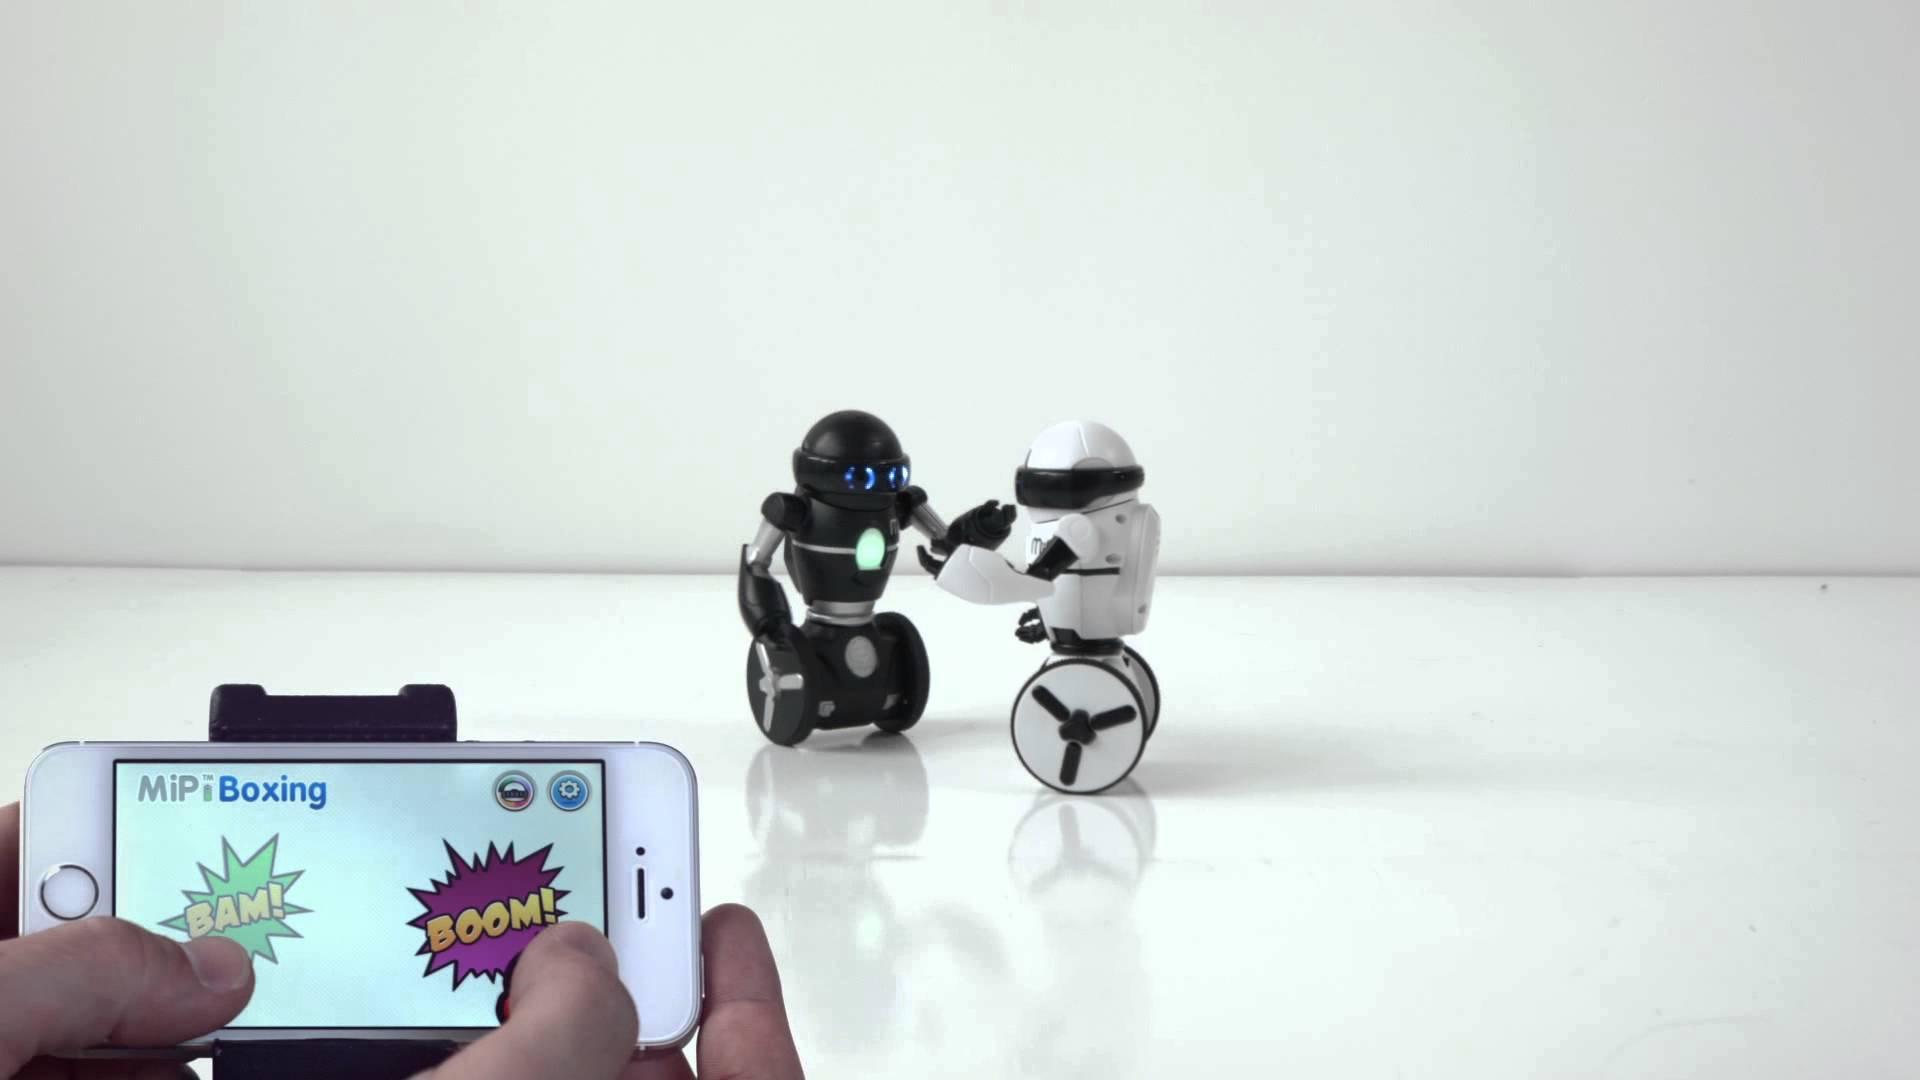 mip robot concentra. Black Bedroom Furniture Sets. Home Design Ideas